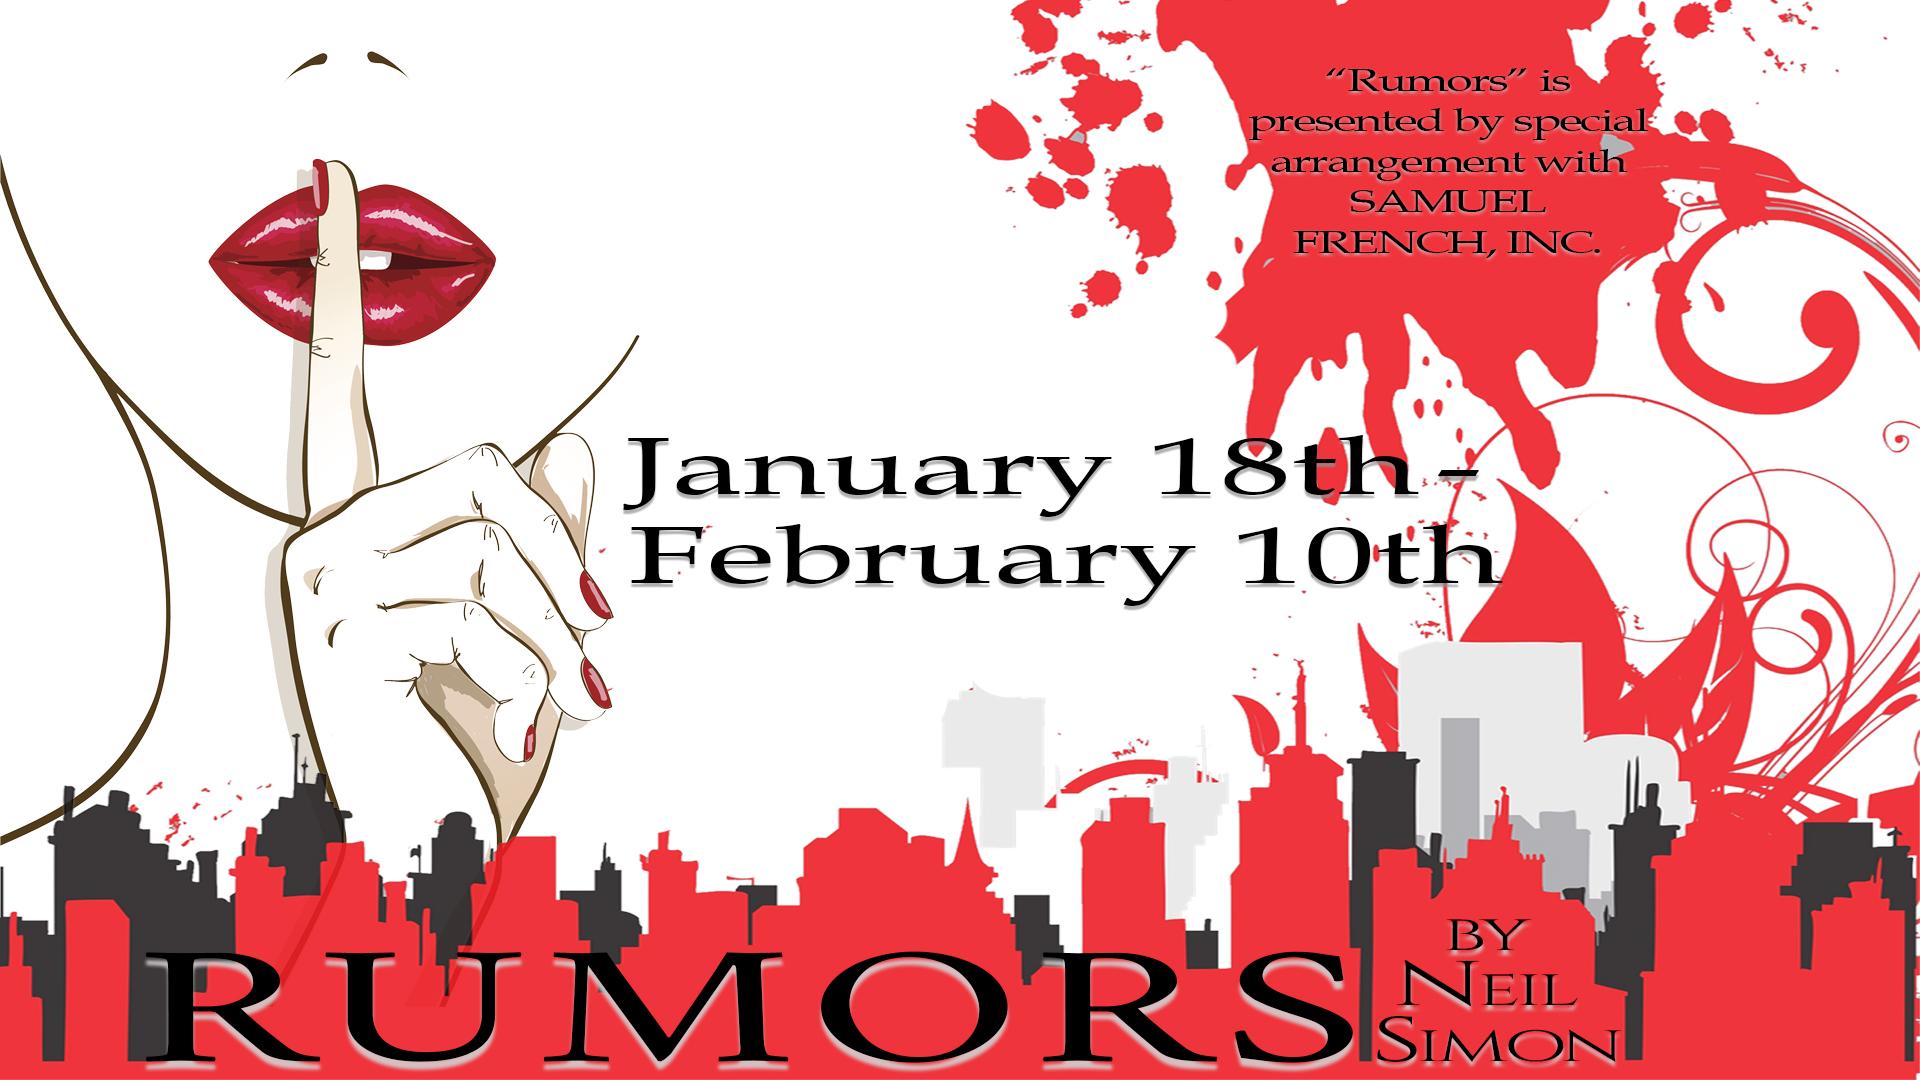 rumors_facebook_event